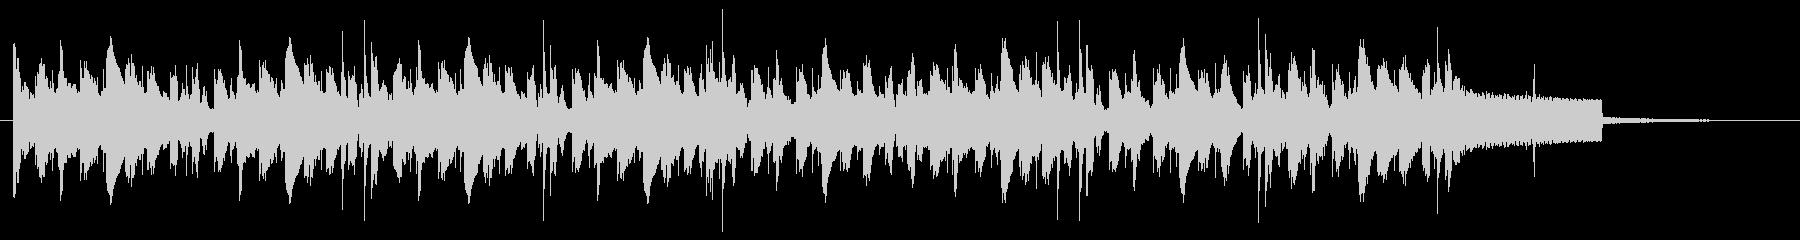 ジャズ風アレンジのオルガンBGMの未再生の波形